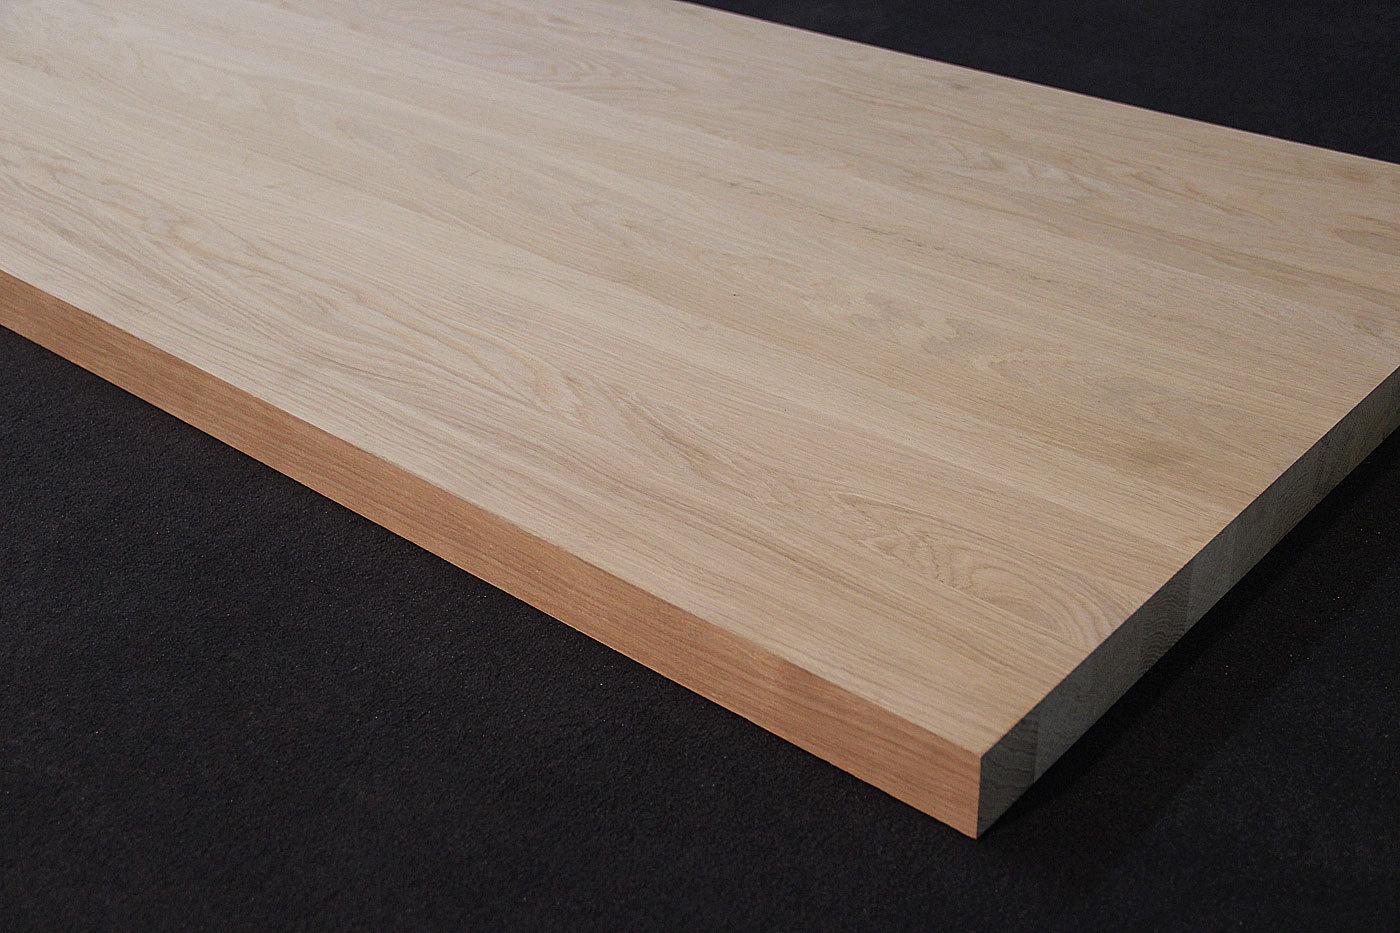 treppenstufenplatte massivholz eiche dl 40 45 x diverse l ngen x 650 mm. Black Bedroom Furniture Sets. Home Design Ideas